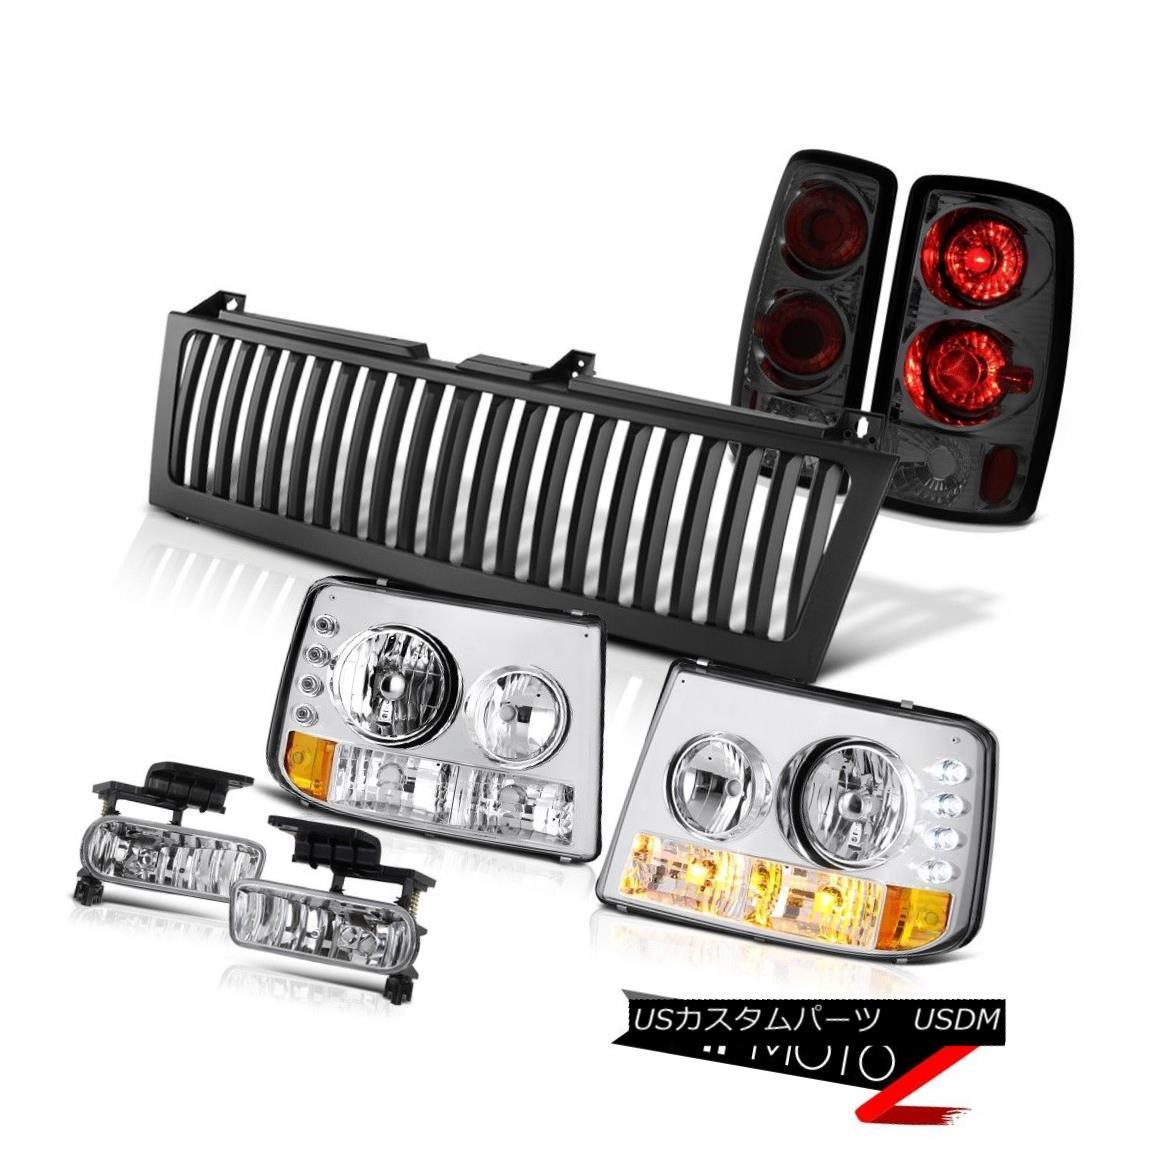 テールライト 00 01 02 03 04 05 Suburban 5.3L Euro Chrome Headlight Tail Light Tail Fog Grille 00 01 02 03 04 05郊外5.3Lユーロクロームヘッドライトテールライトテールフォググリル